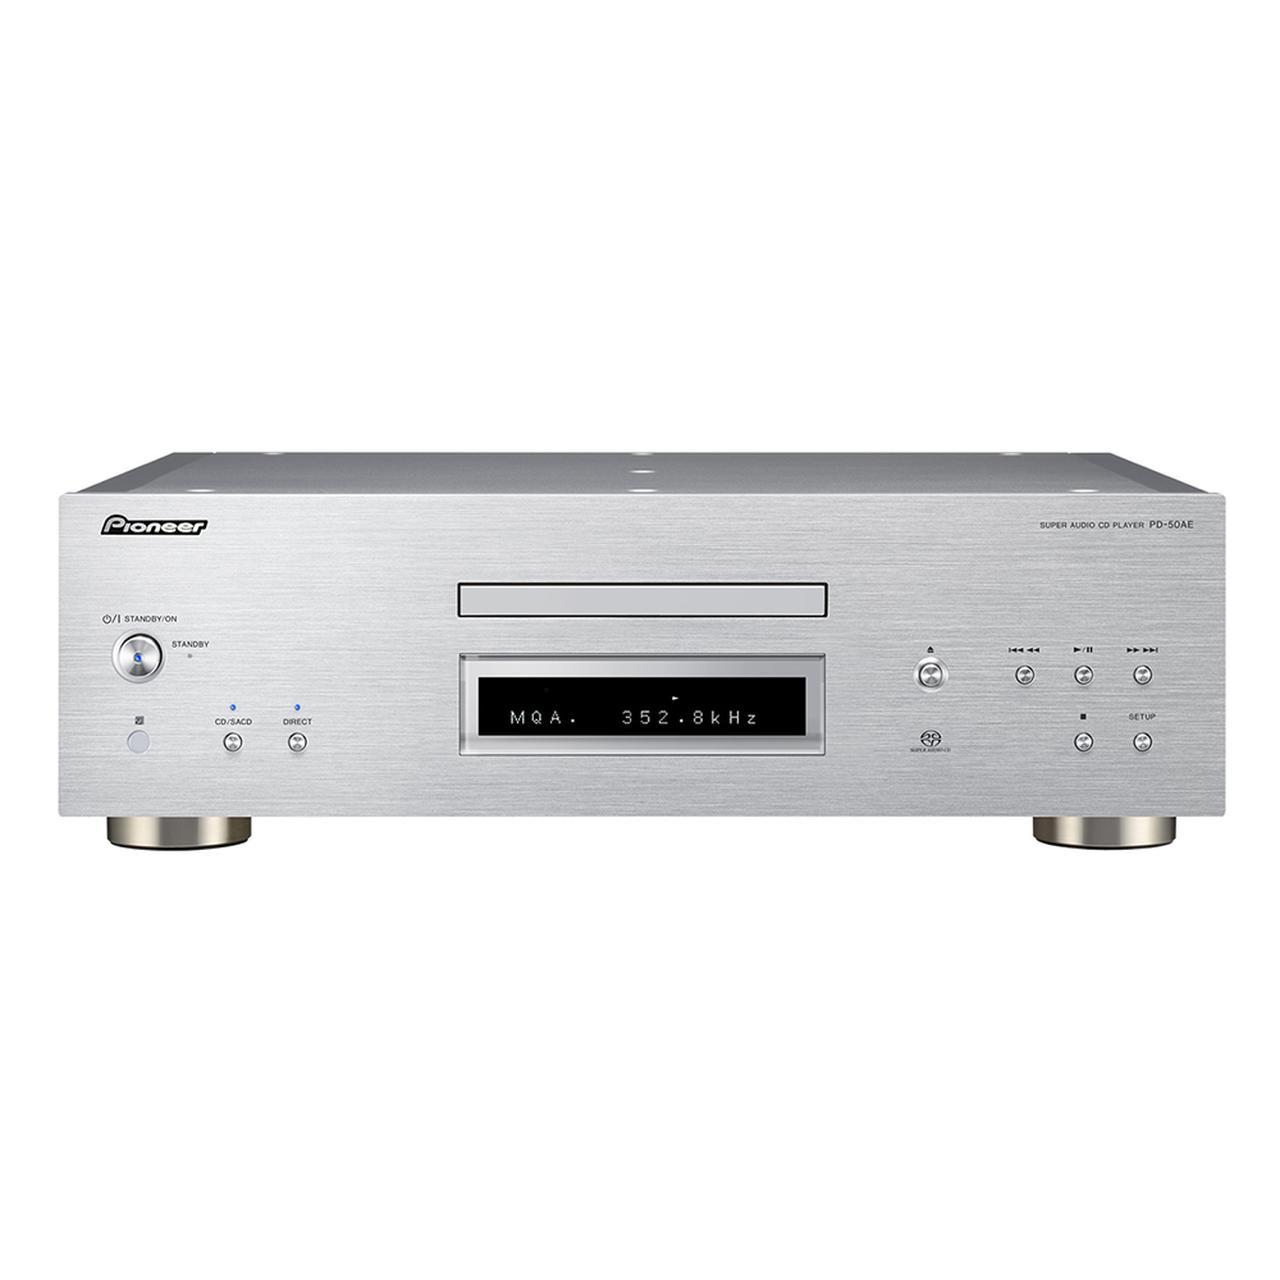 画像: ONKYO DIRECT Pioneer PD-50AE(S) スーパーオーディオCDプレーヤー 3年保証: プレーヤー